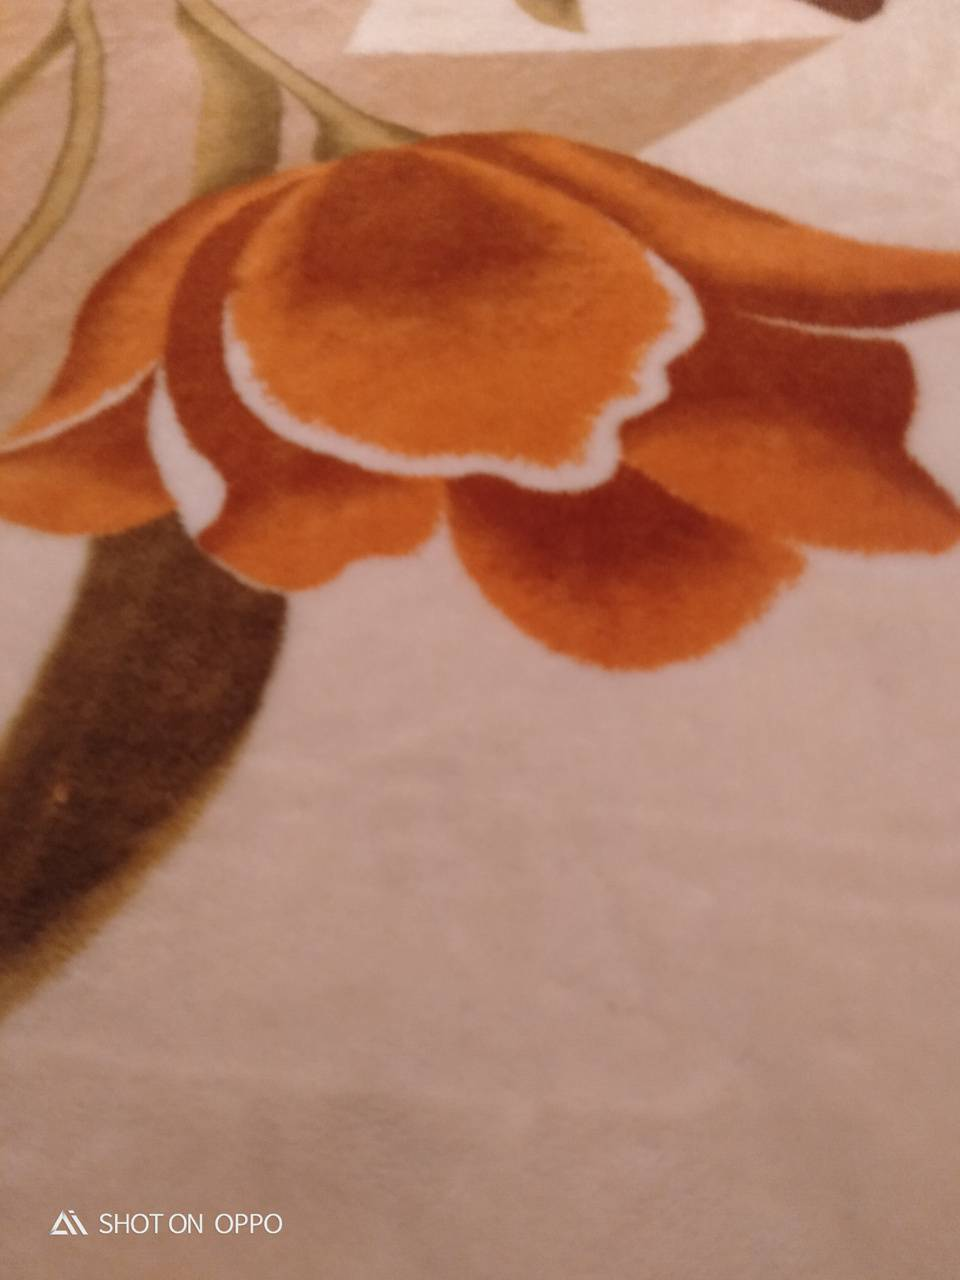 Upside down flower